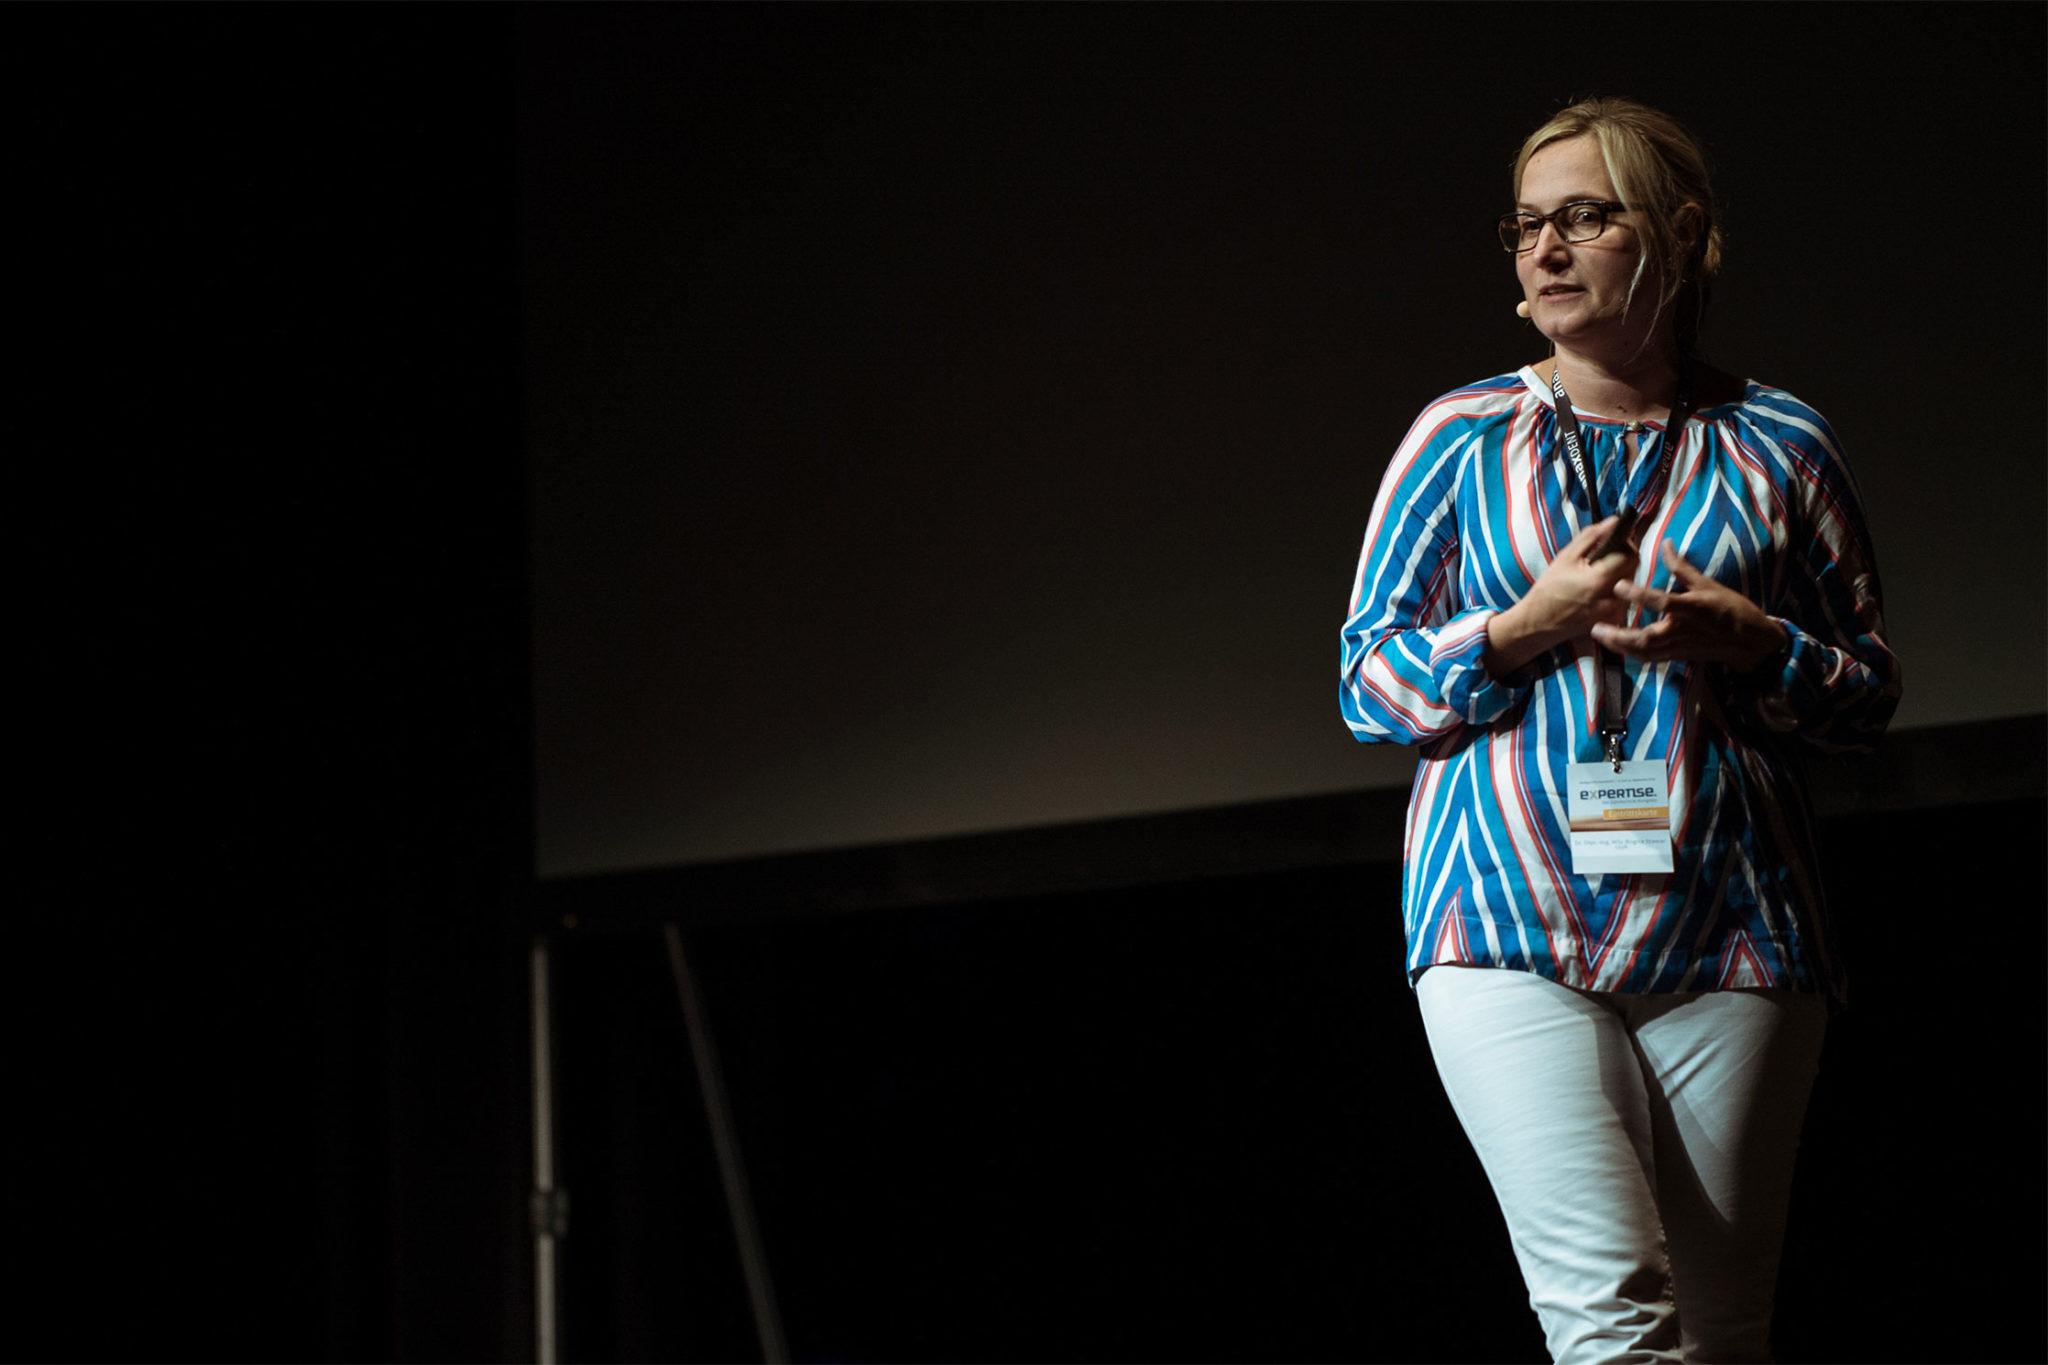 PD Dr. Bogna Stawarczyk: Werkstoffkunde ist zahntechnische Basiskompetenz